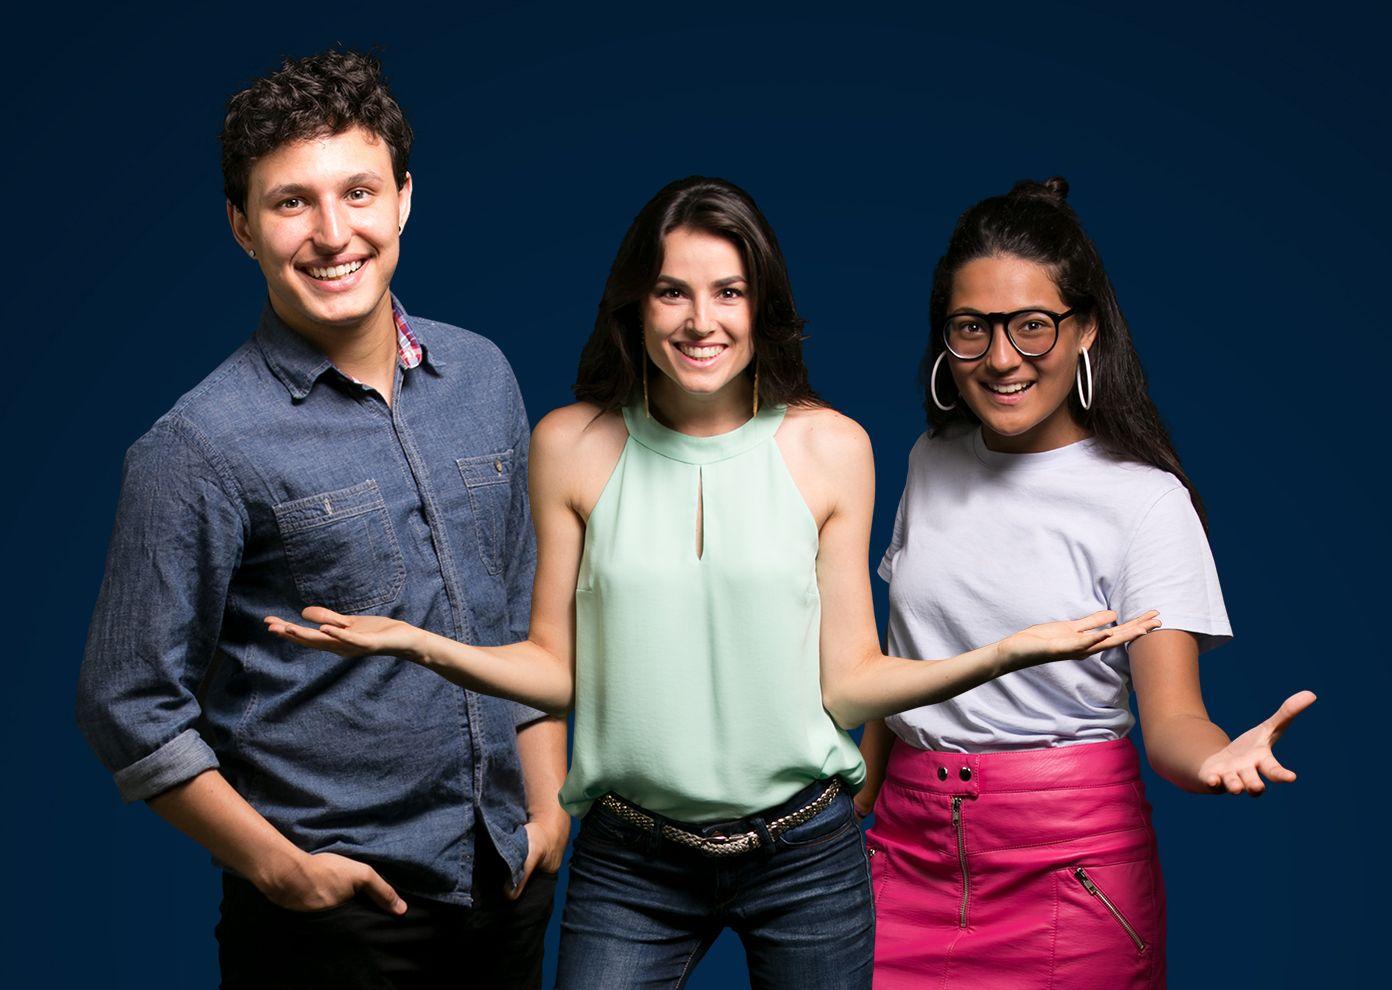 Bia, Isadora e Marcelo são os apresentadores do programa / Divulgação